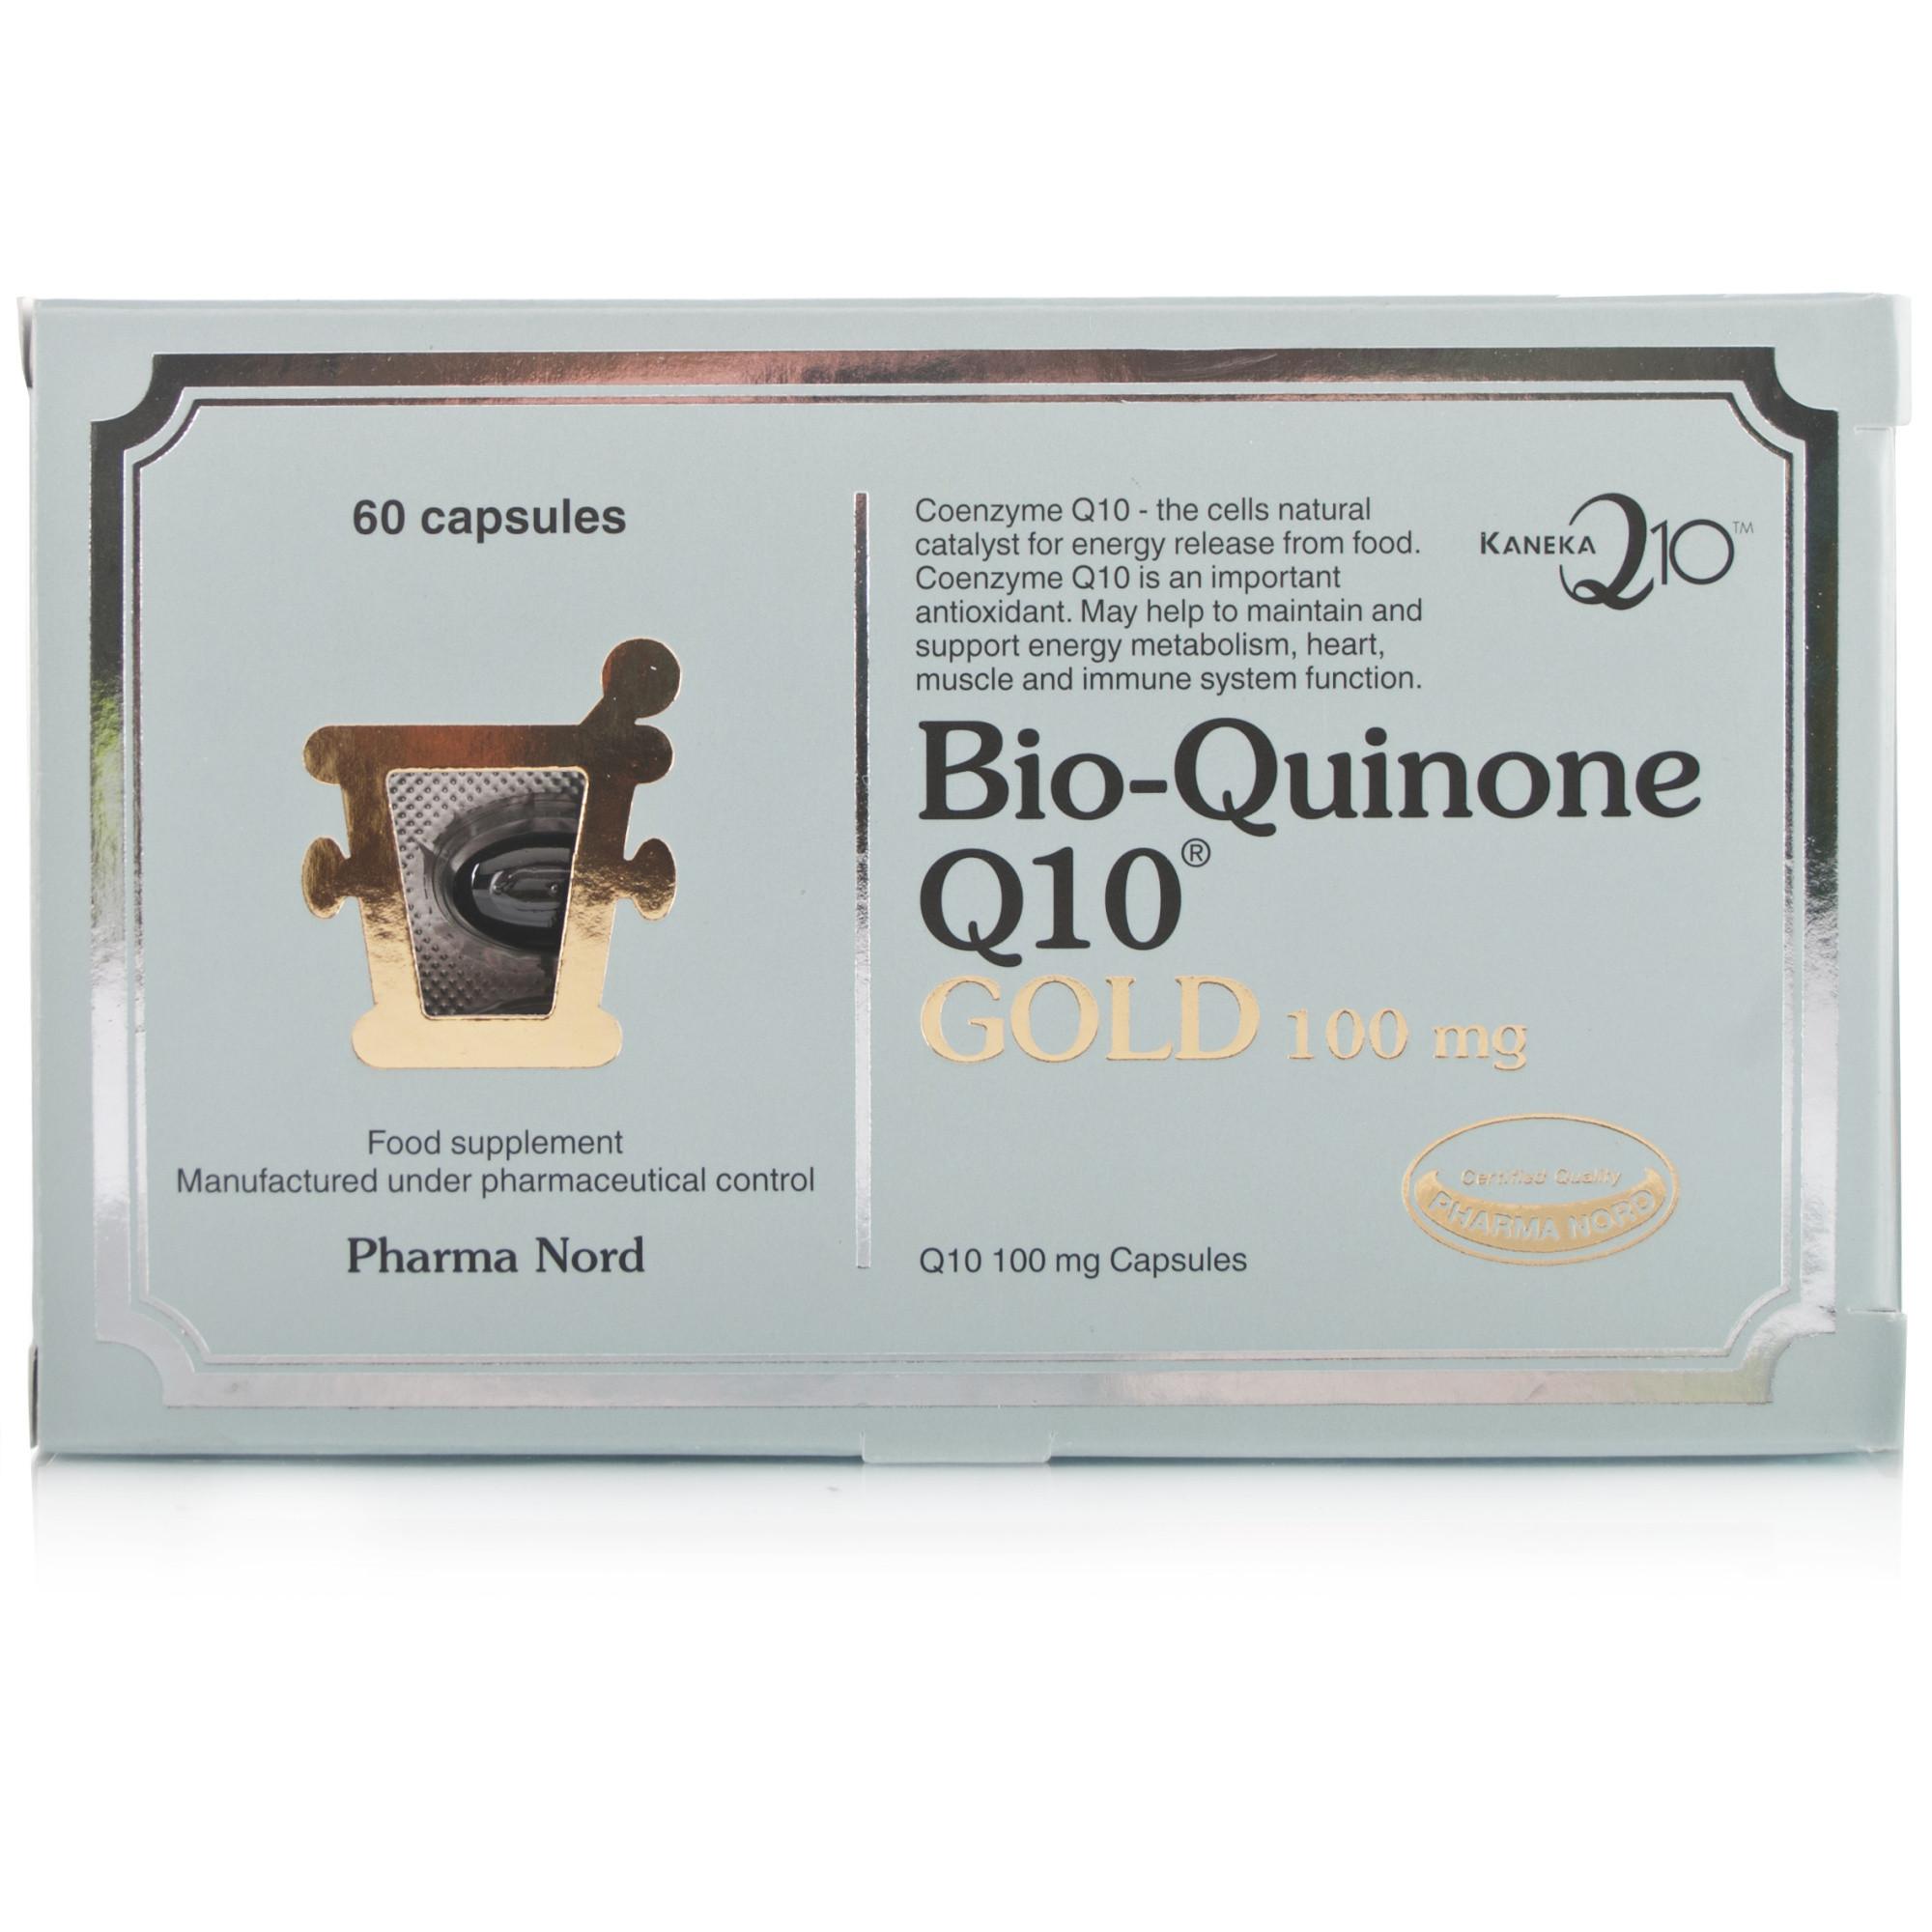 Pharma Nord Bio-Quinone Q10 Gold 100mg